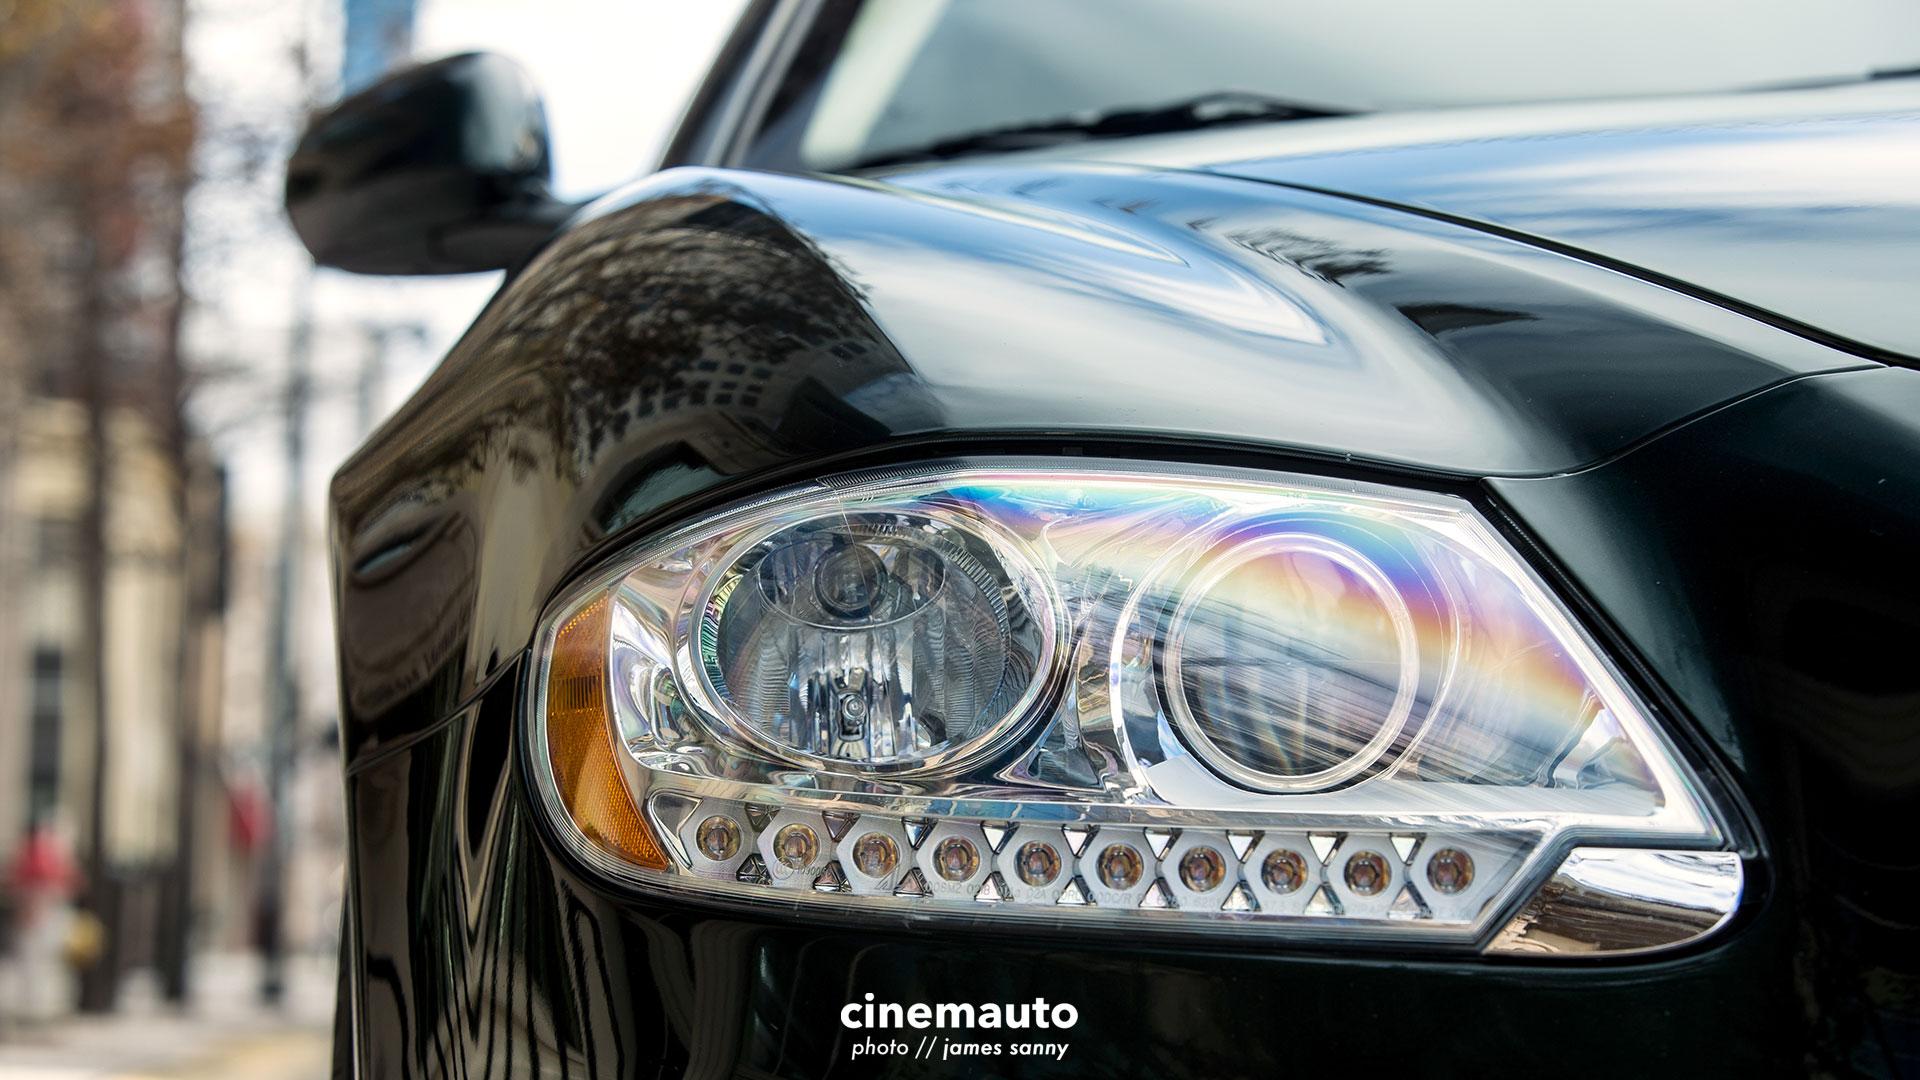 cinemauto-maserati-8sm.jpg